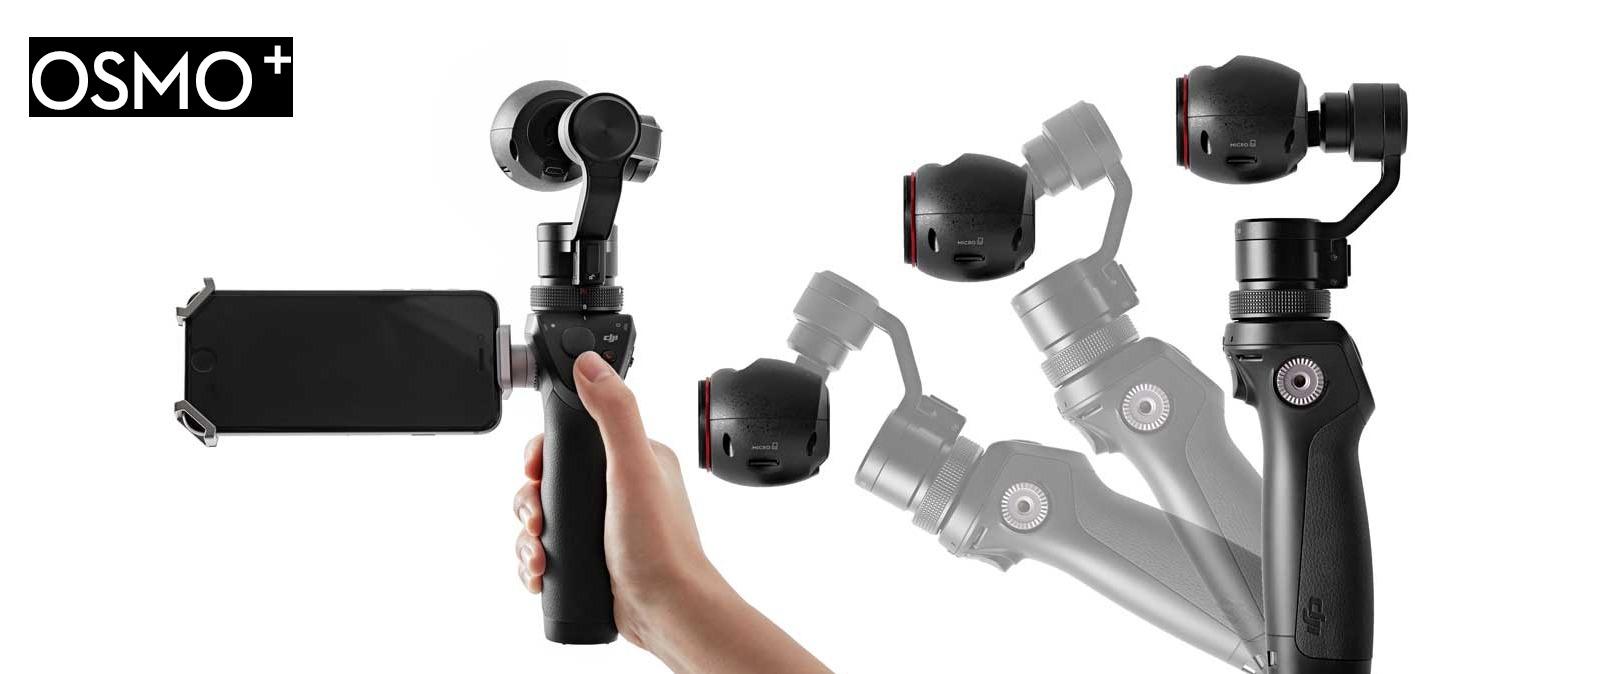 Osmo+, la nueva versión mejorada de la cámara de DJI